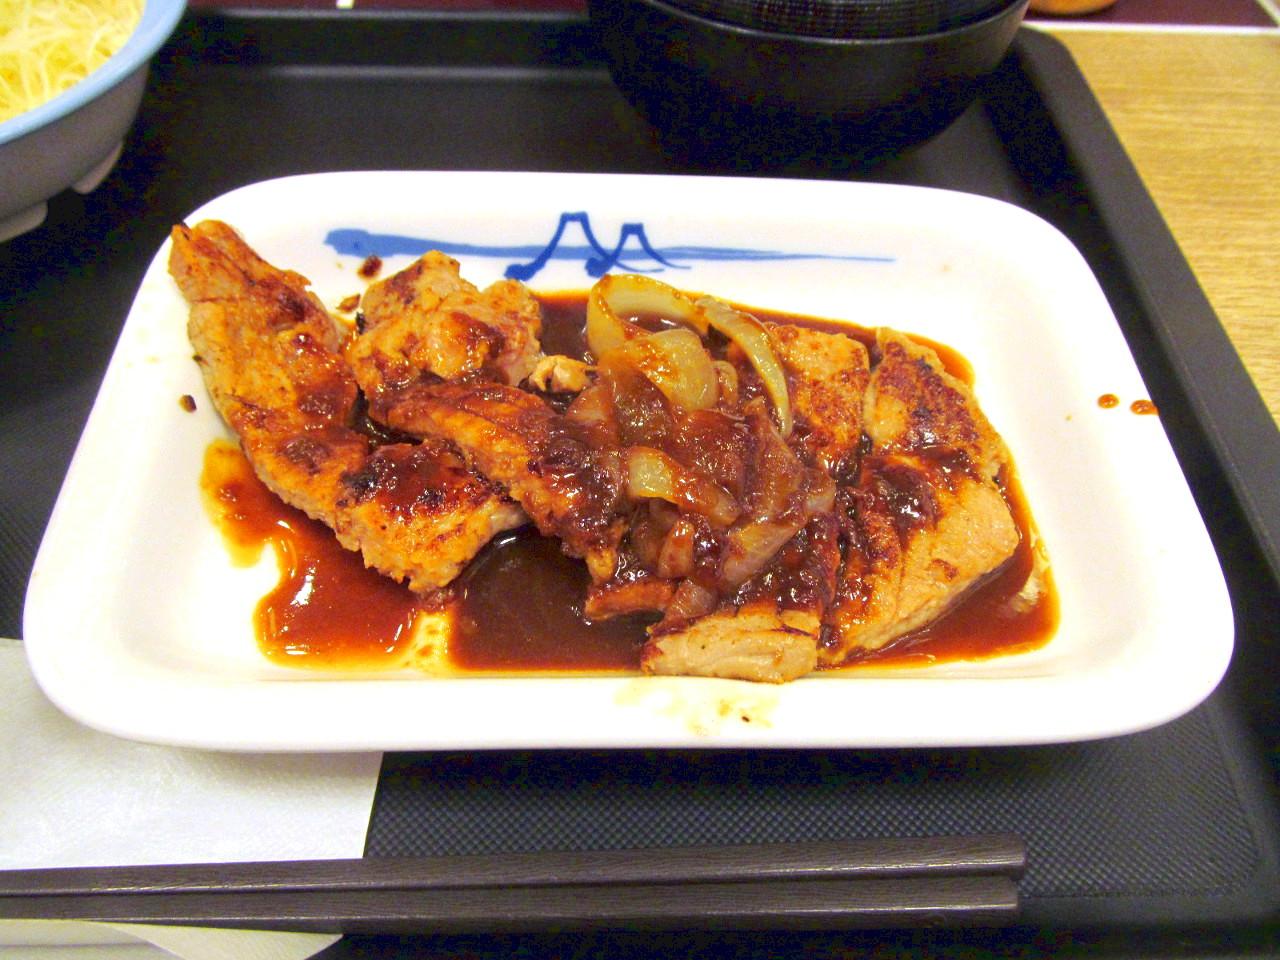 松屋厚切りトンテキ定食トンテキソース2021大盛賞味アイキャッチ1280調整後